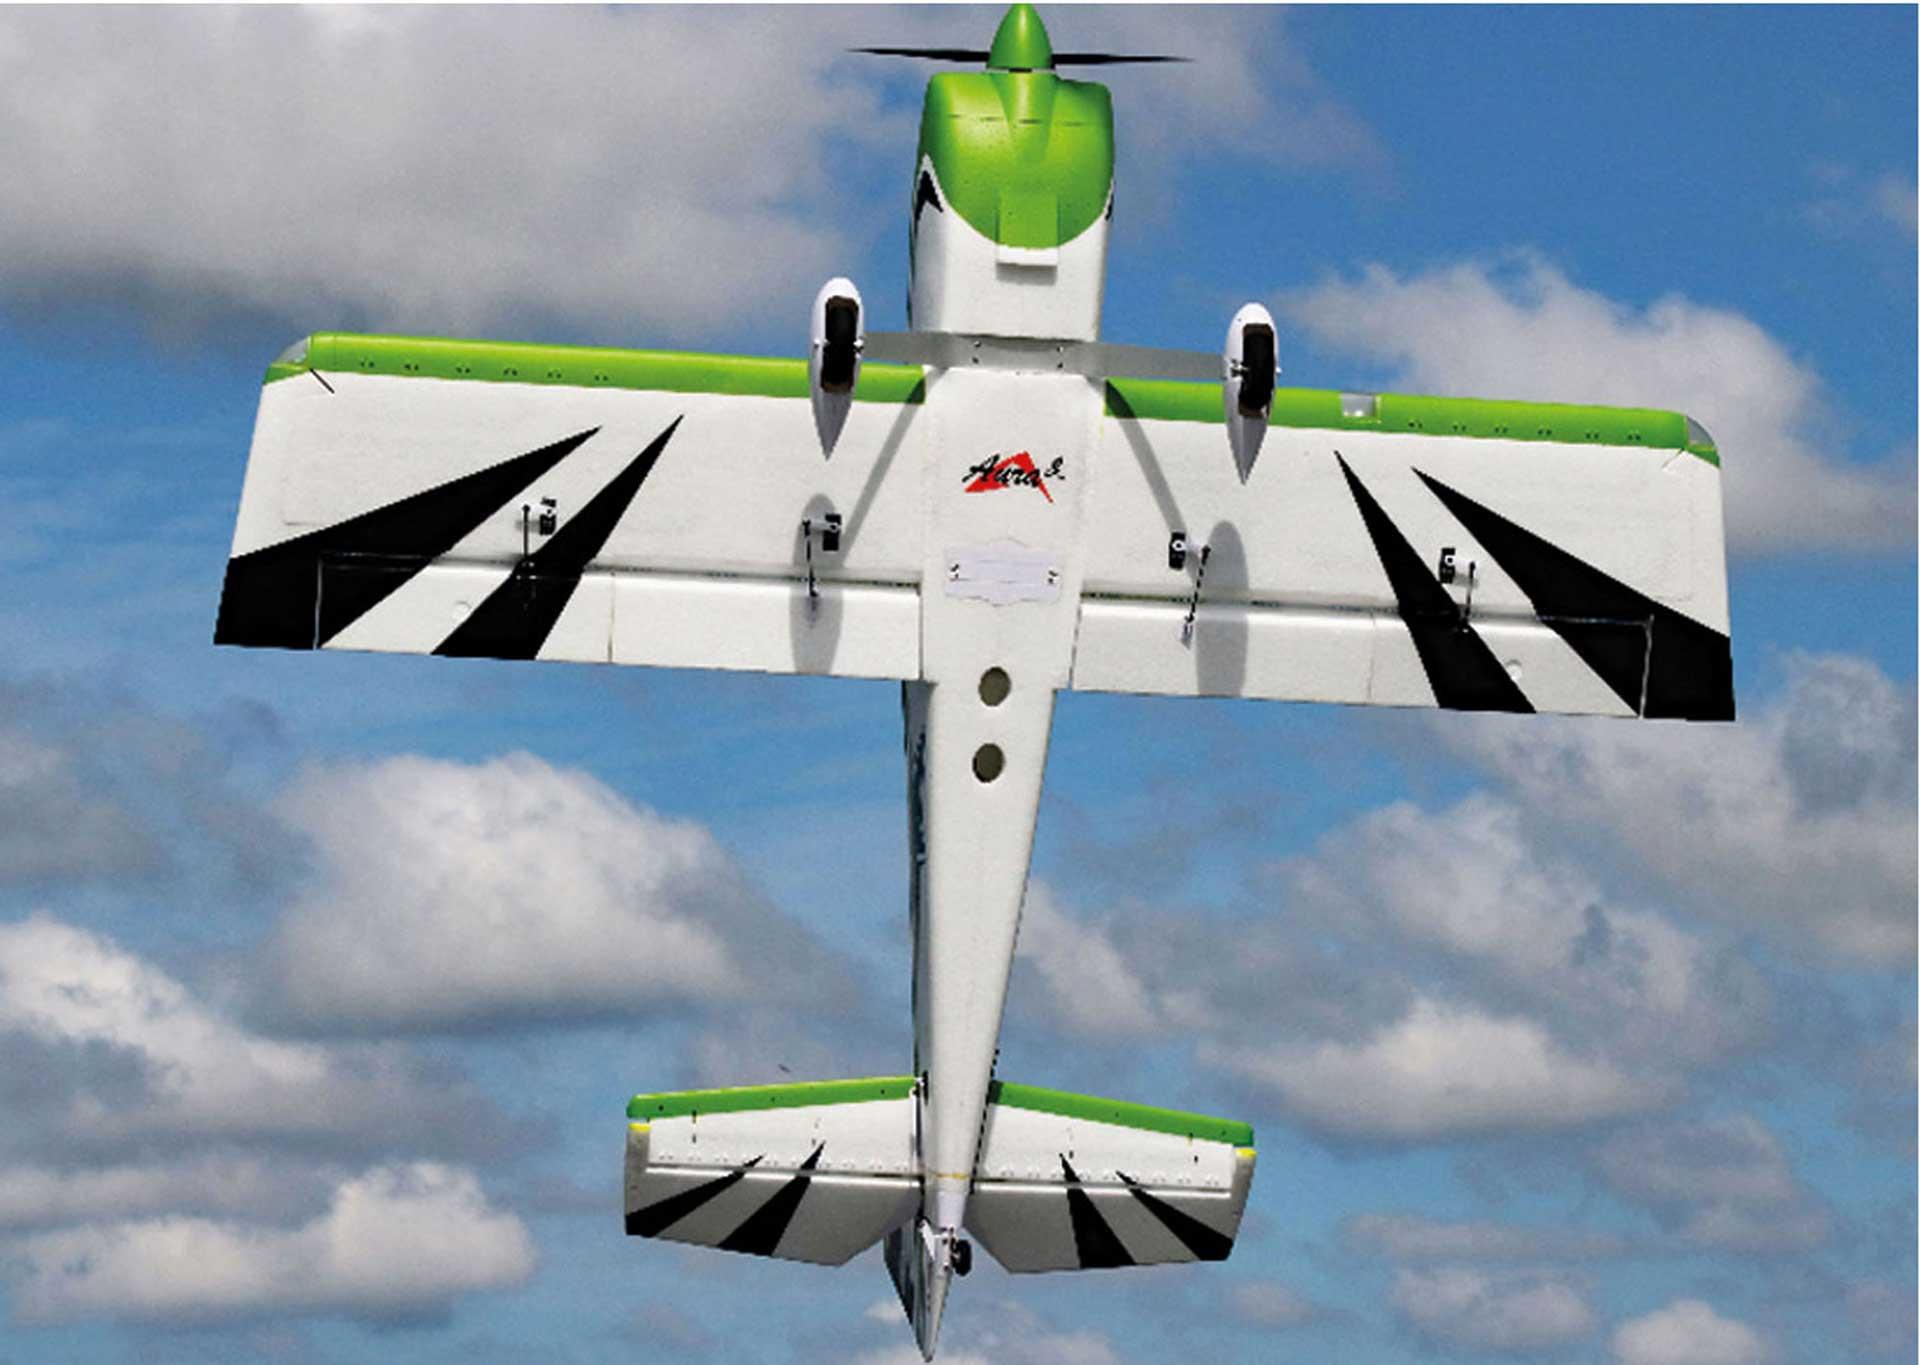 PREMIER AIRCRAFT RV-8 SUPER PNP NIGHT MIT AURA 8 UND NACHTFLUGBELEUCHTUNG GRÜN